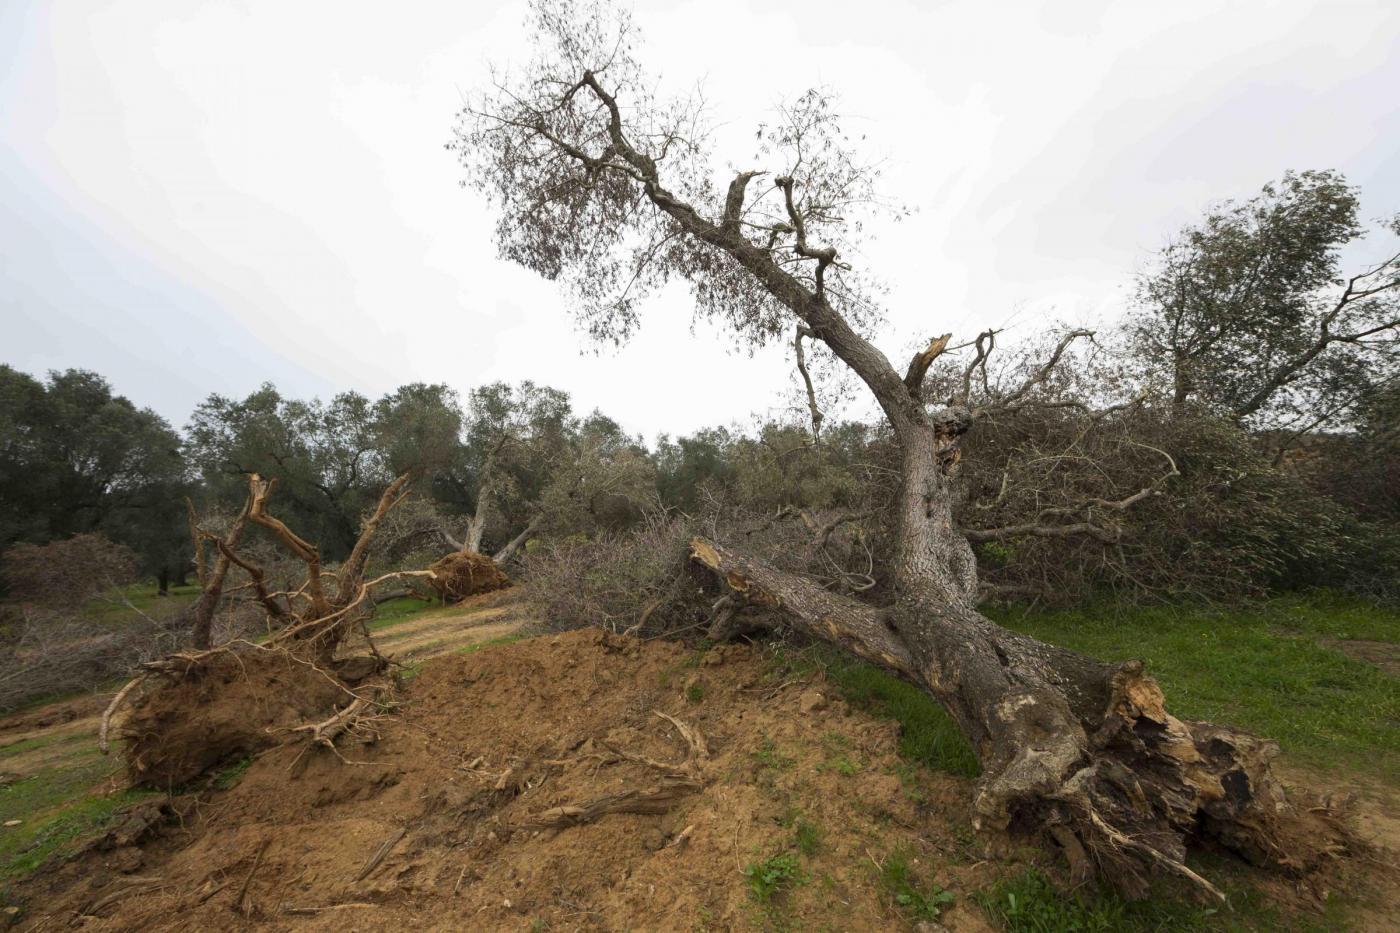 Alberi di ulivo eradicati nell'ambito del Piano Siletti contro la Xylella fastidiosa